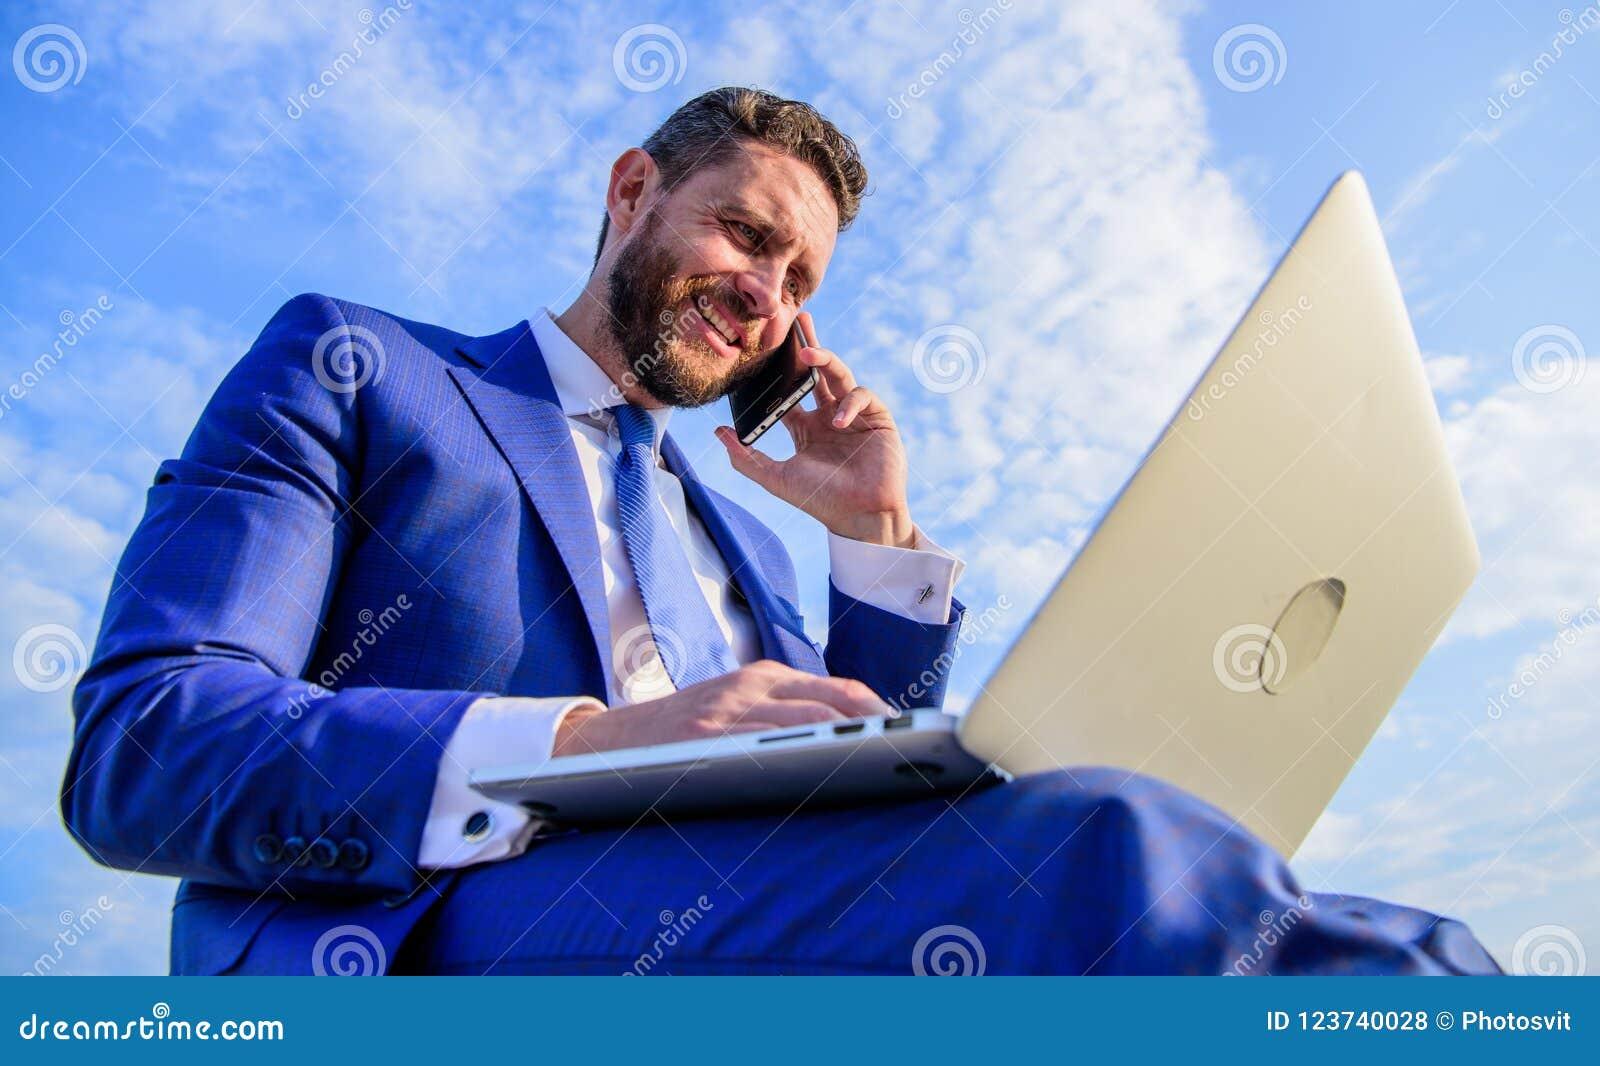 销售主任责任 对成为的销售领导的最后指南 保持联系 人正式衣服与膝上型计算机一起使用